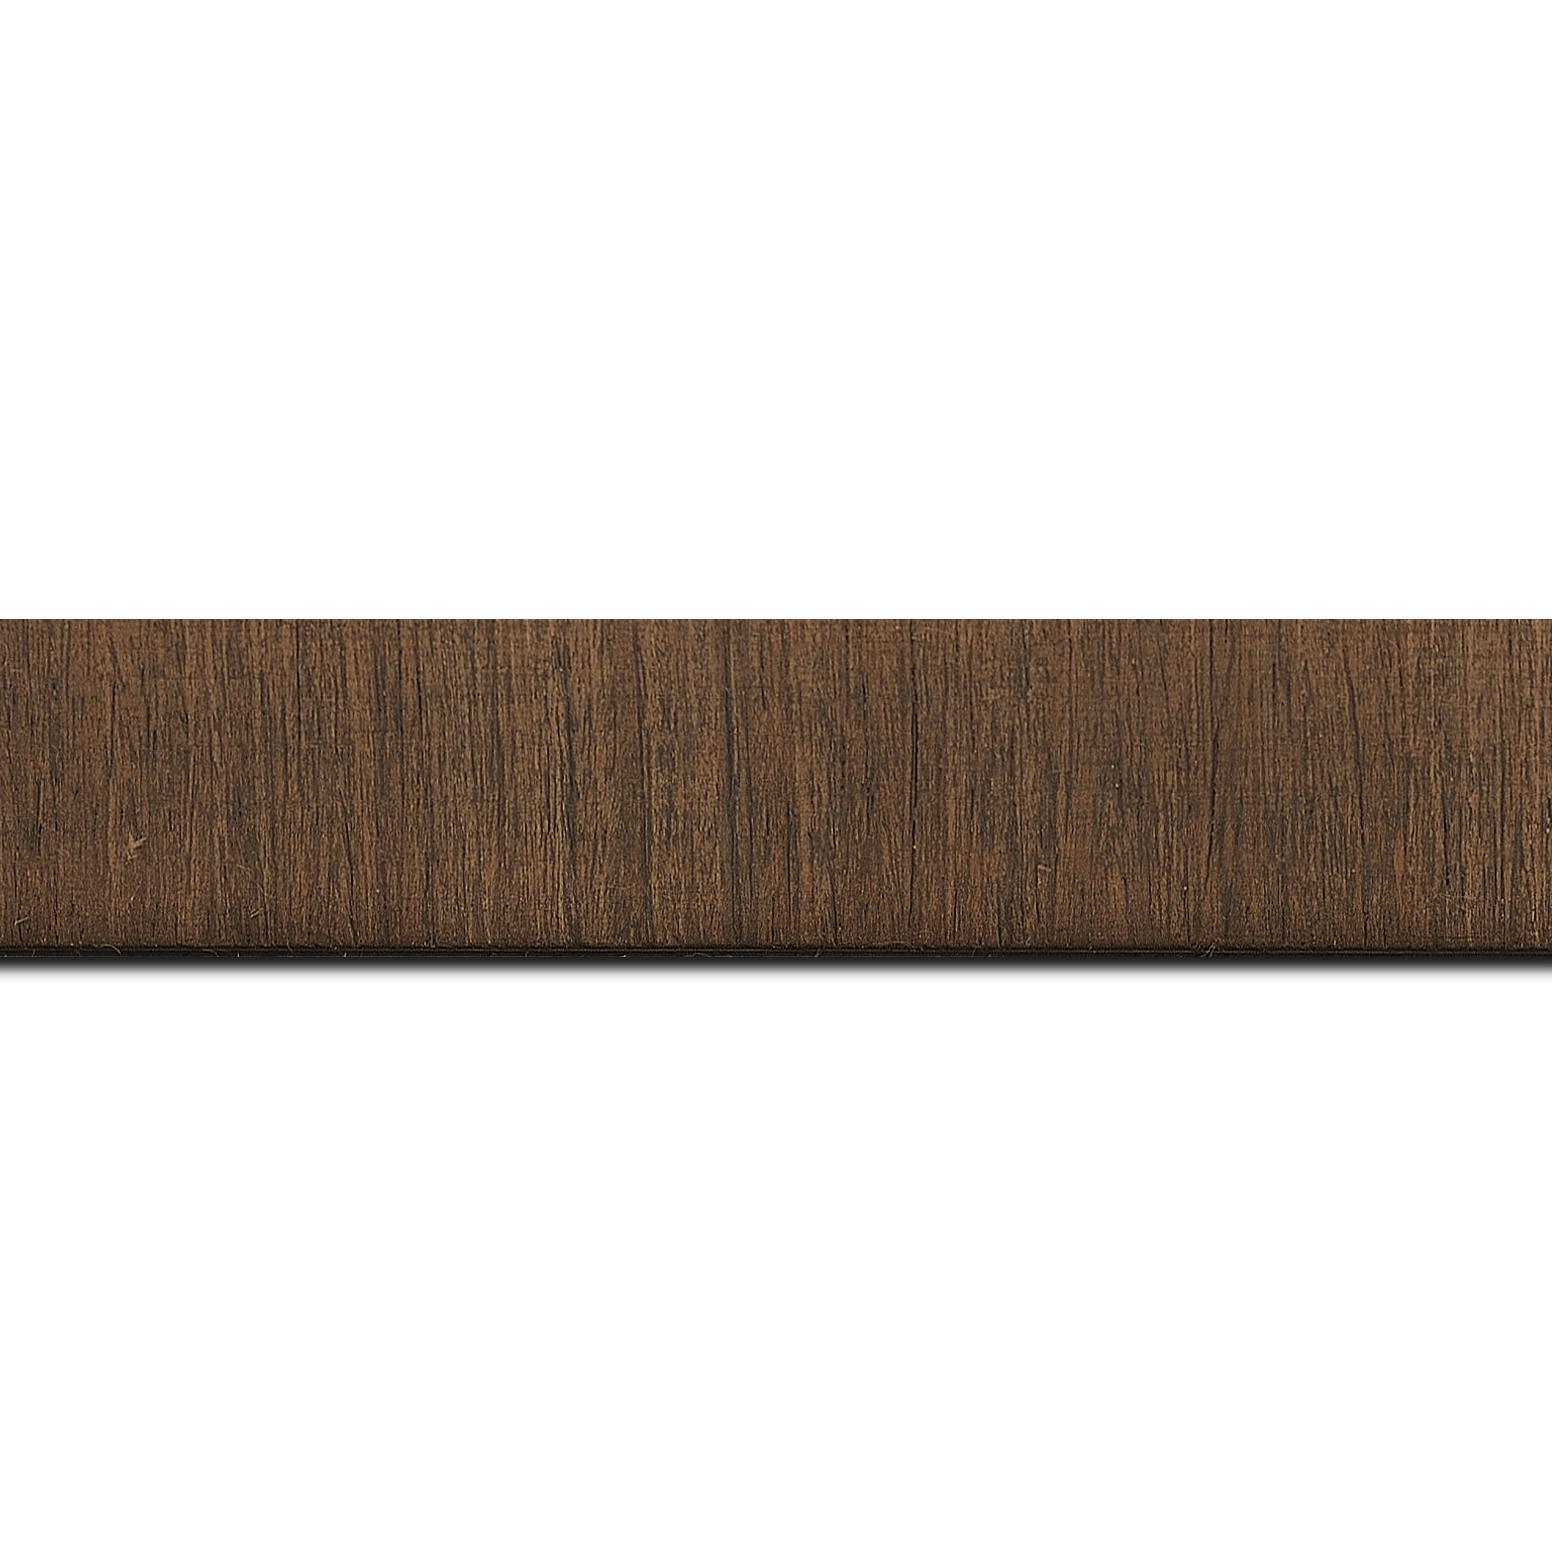 Baguette longueur 1.40m bois profil incurvé largeur 2.8cm plaquage haut de gamme teck teinté noyer